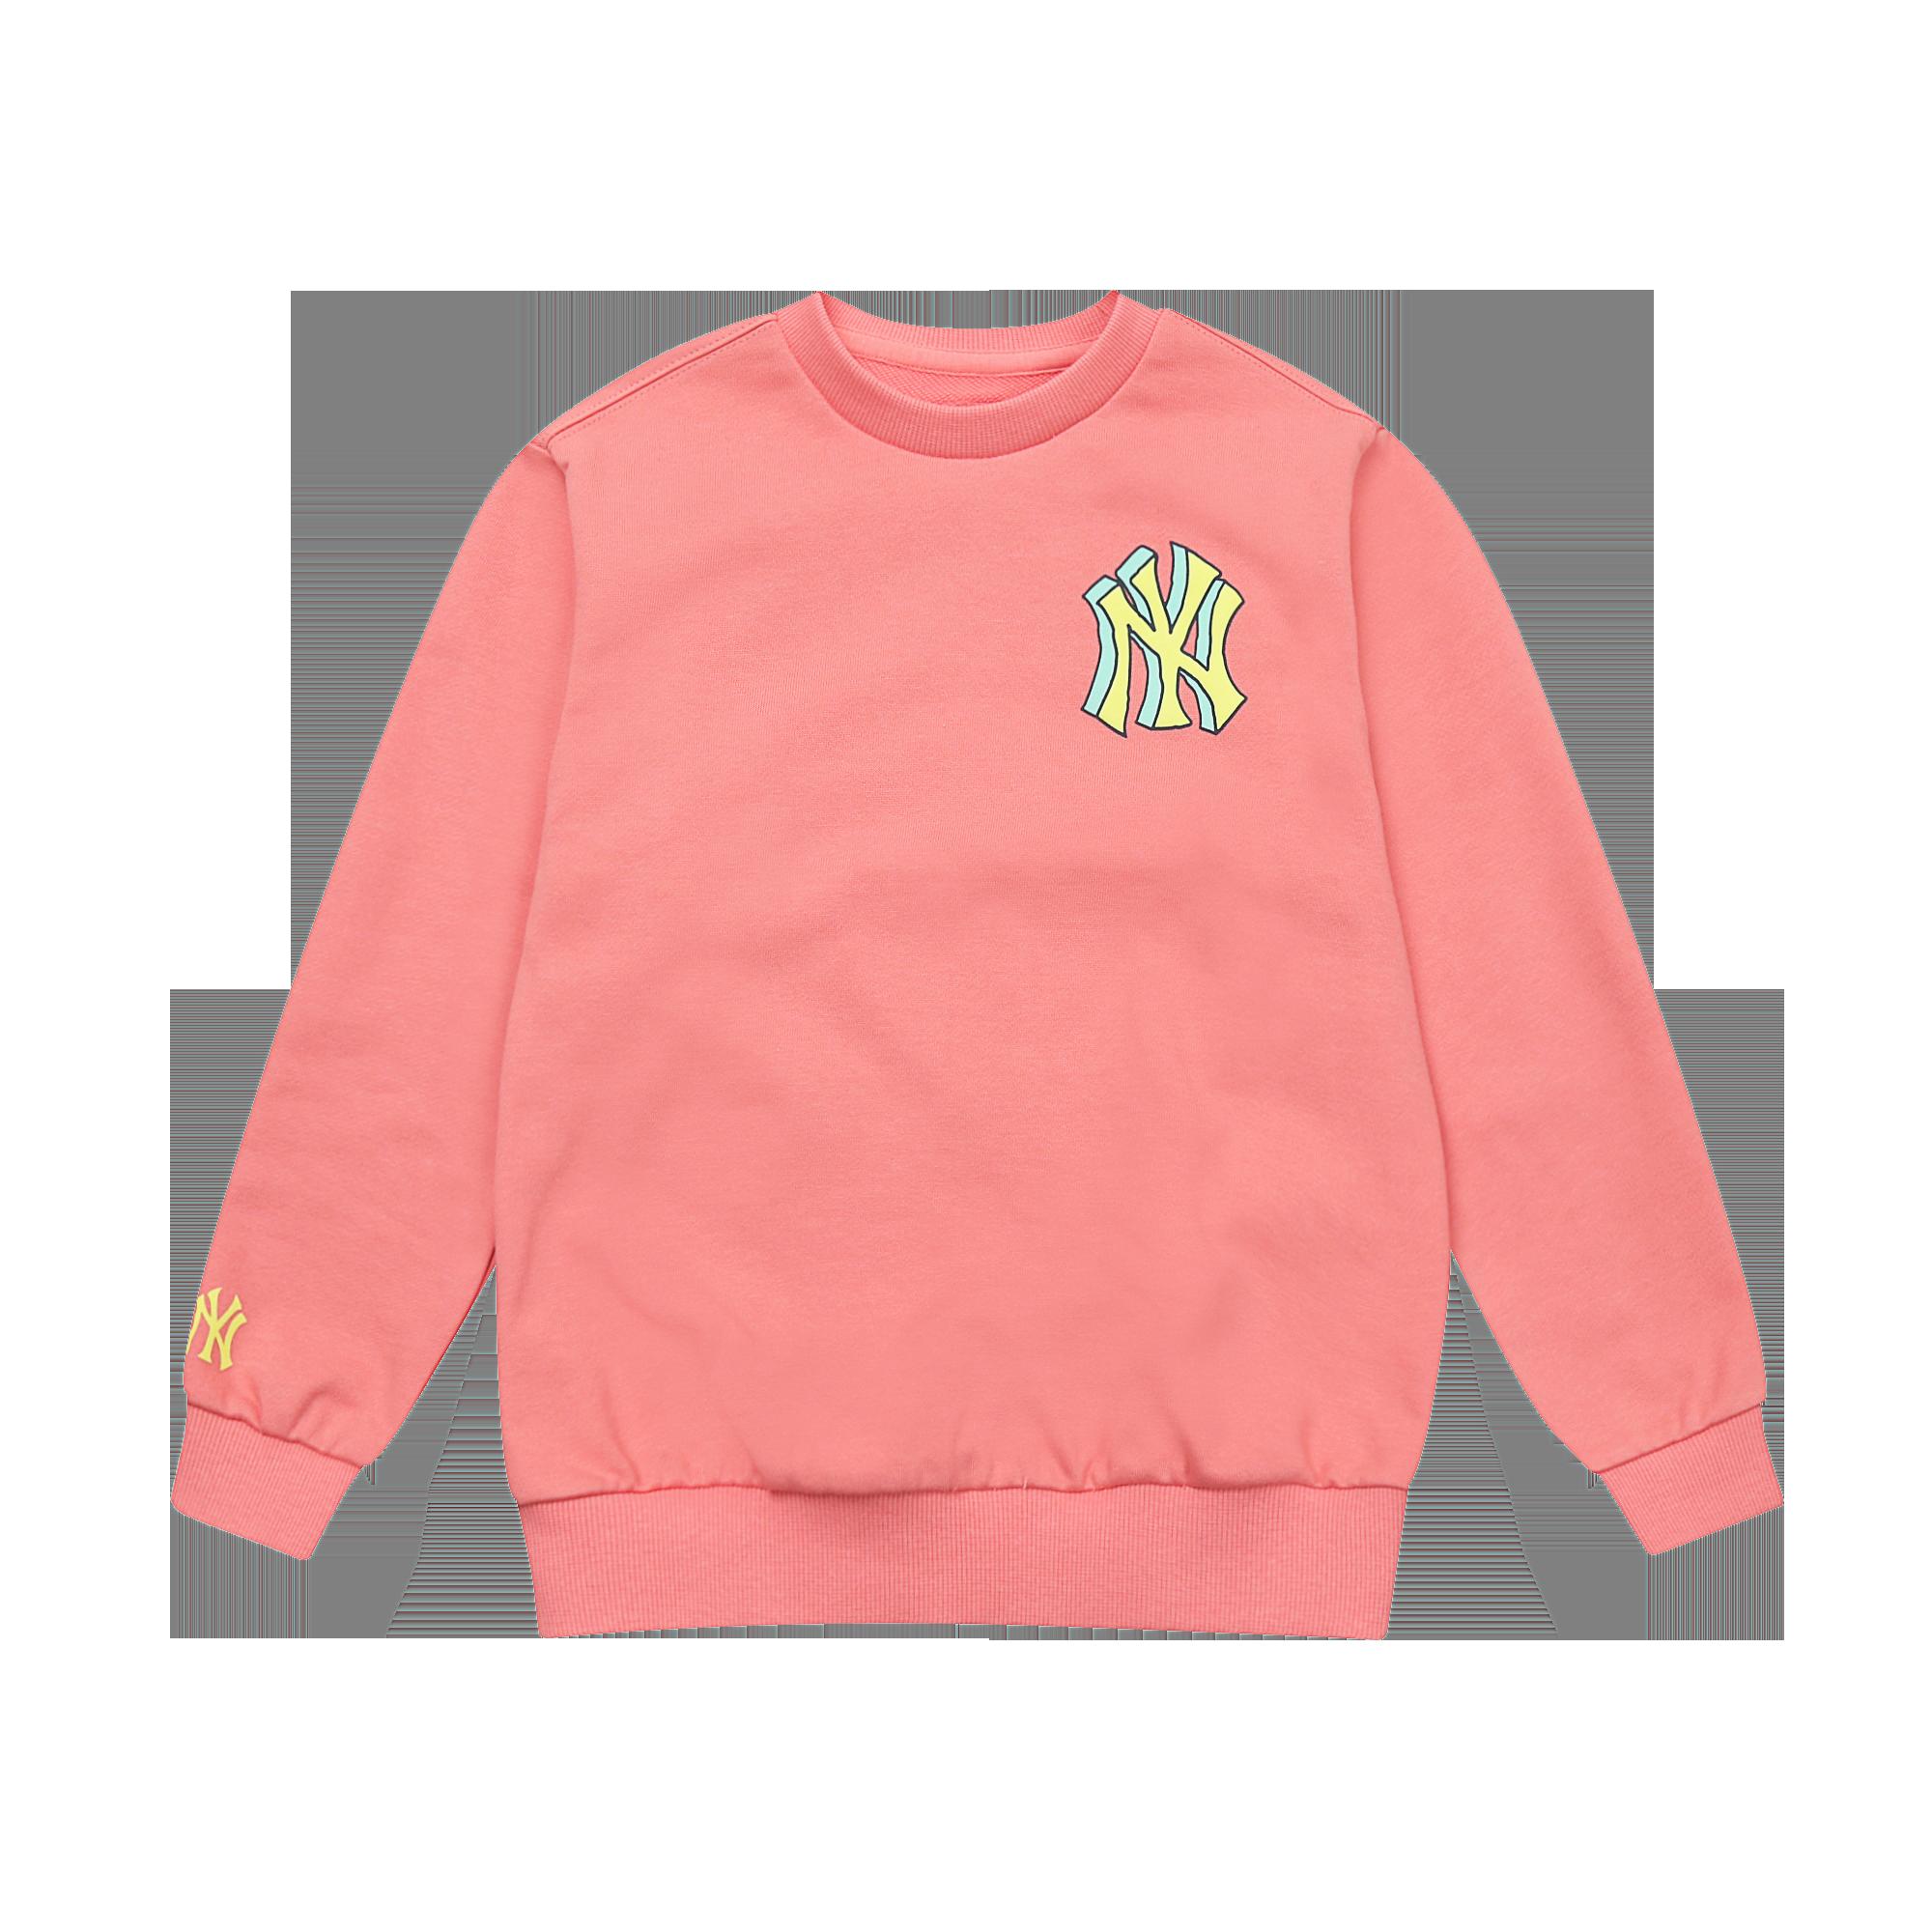 패밀리 MLB LIKE  맨투맨 뉴욕양키스